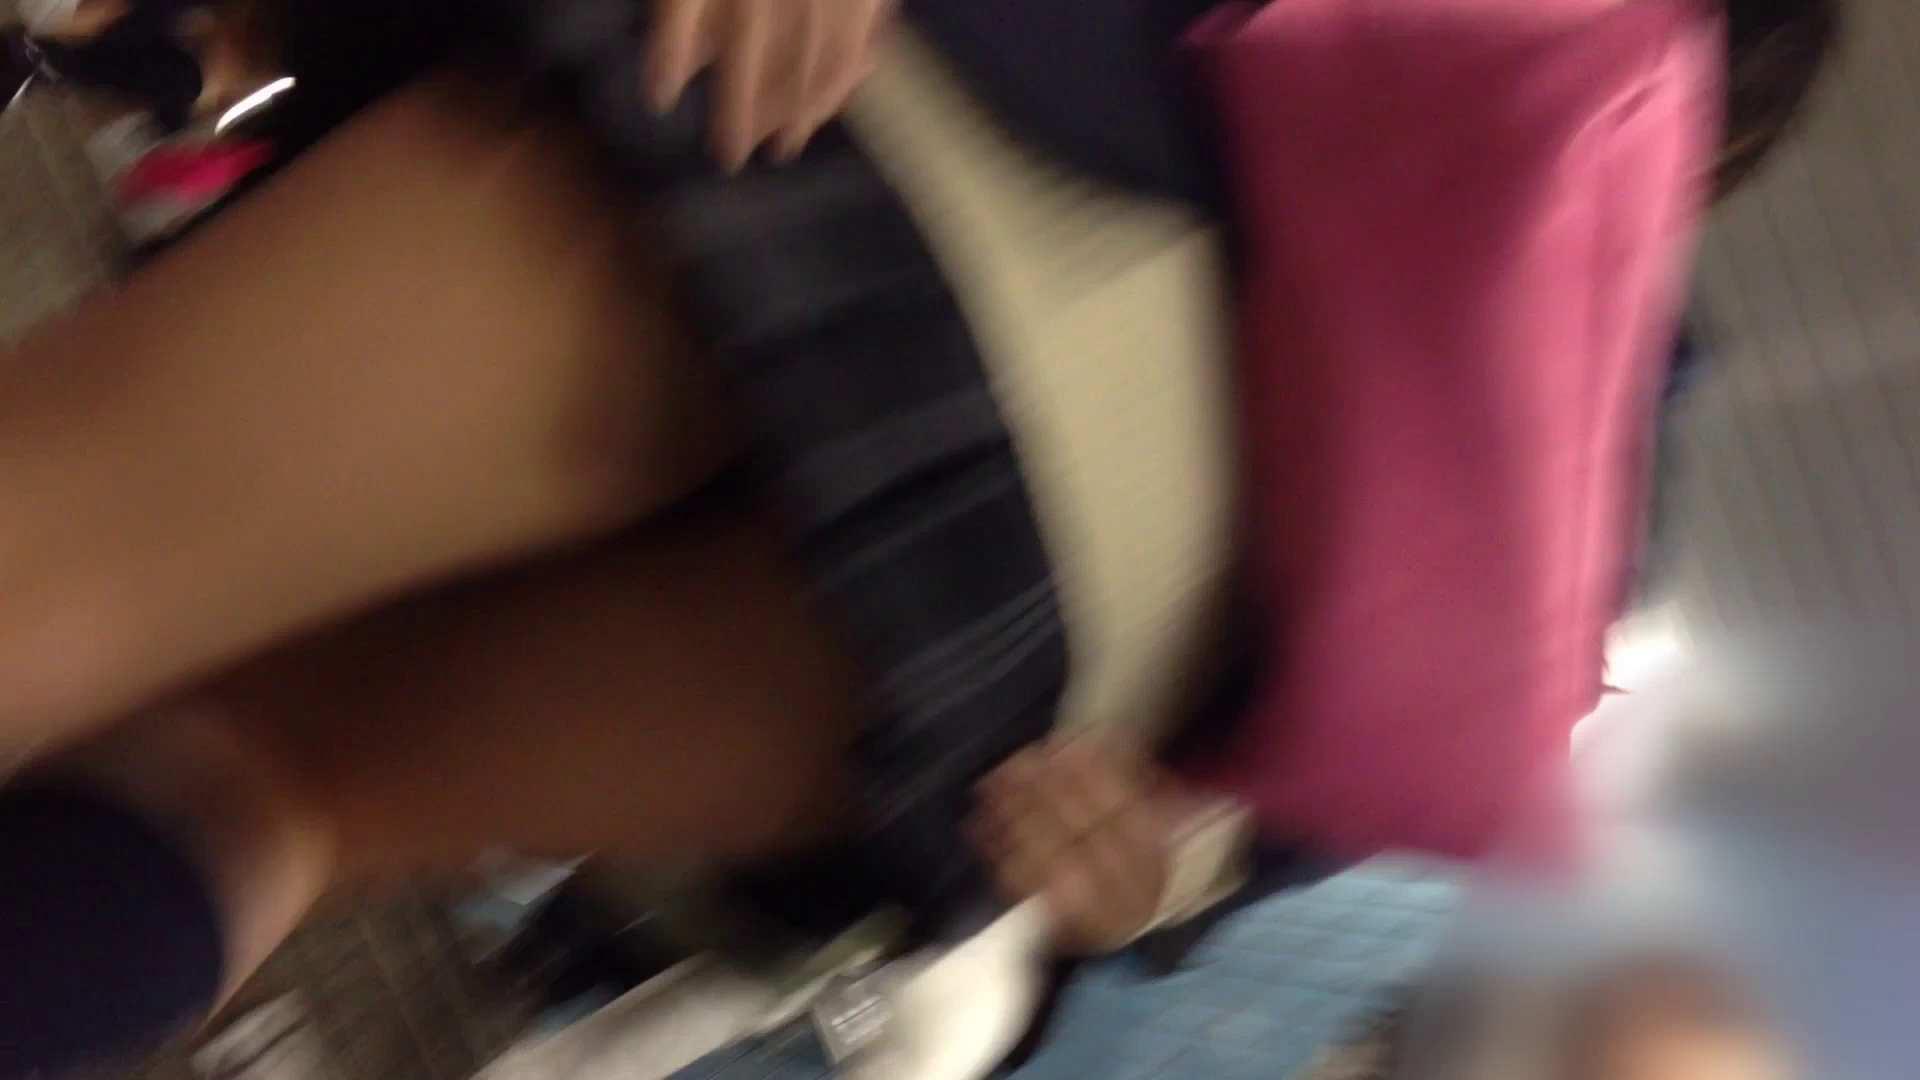 階段パンチラ Vol.06 高画質 AV無料動画キャプチャ 91枚 62